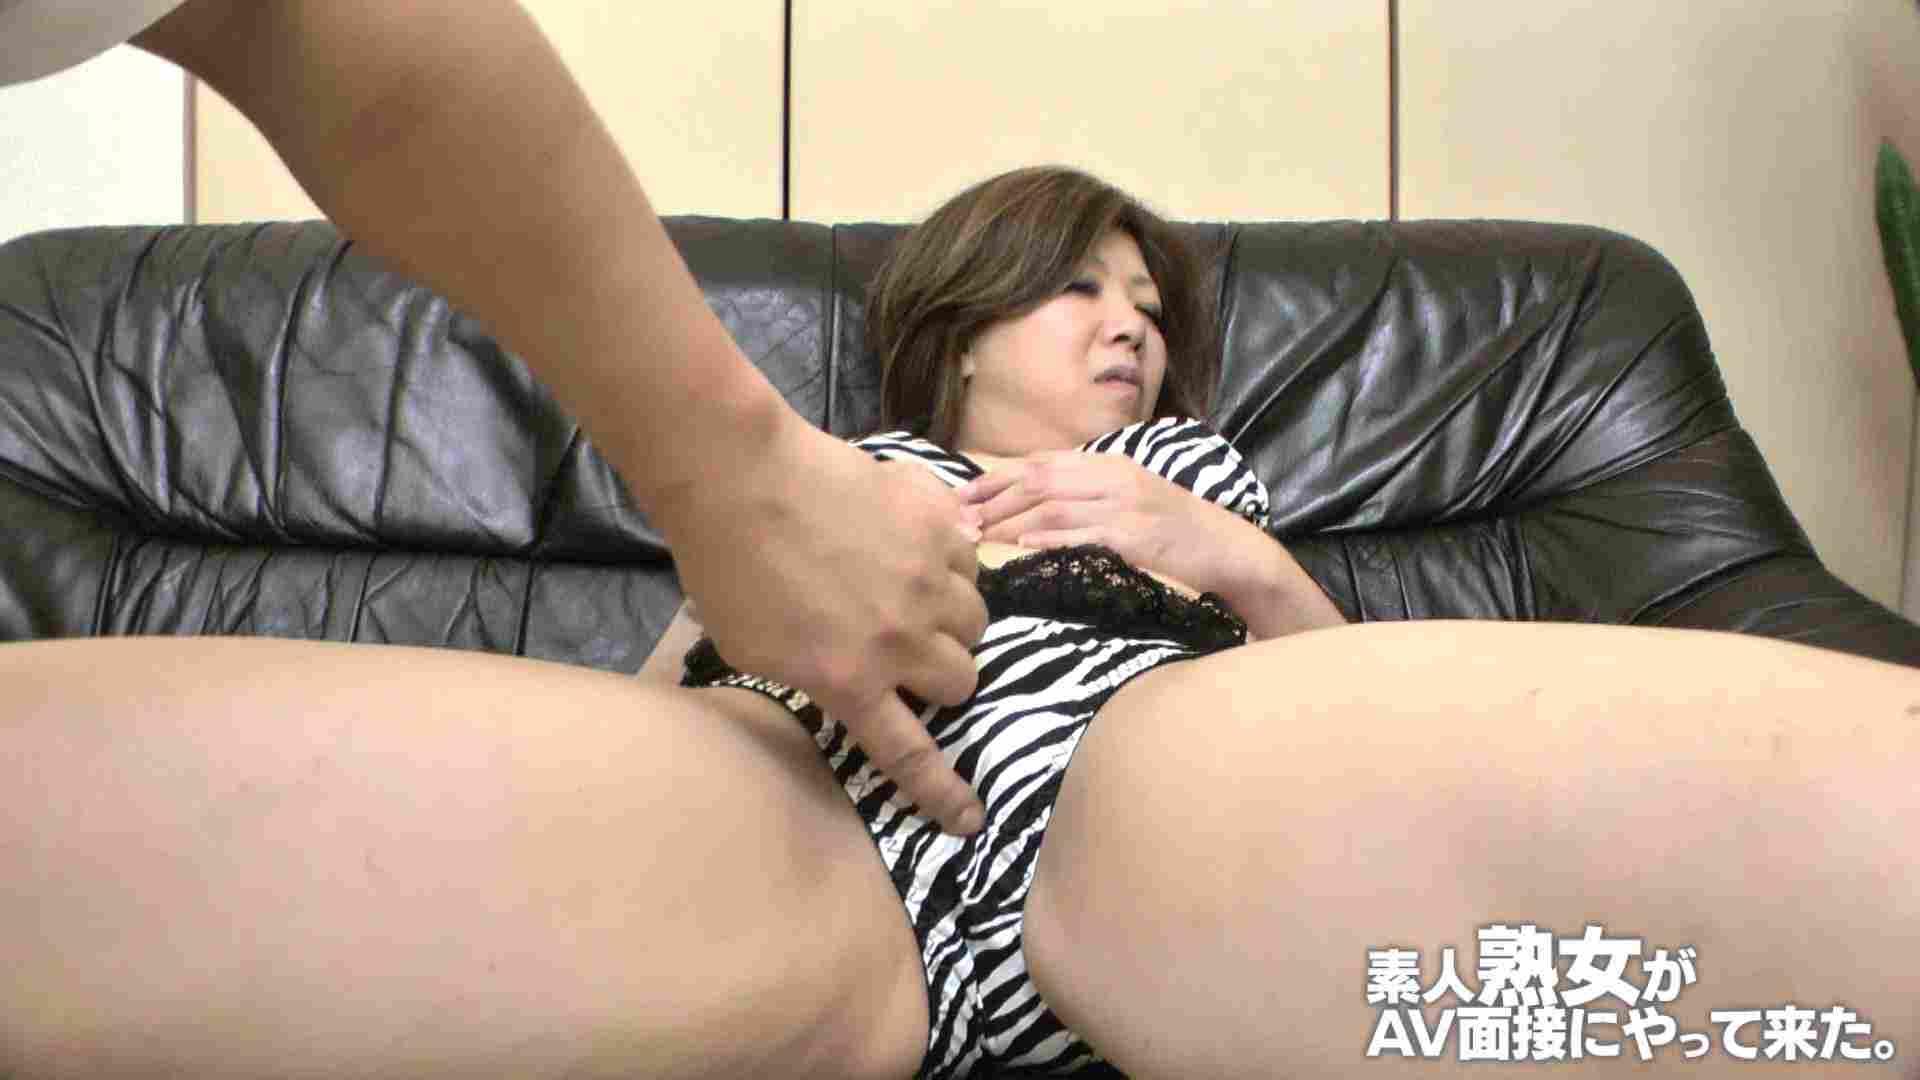 素人熟女がAV面接にやってきた (仮名)ゆかさんVOL.03 OL裸体 | 素人  52画像 49